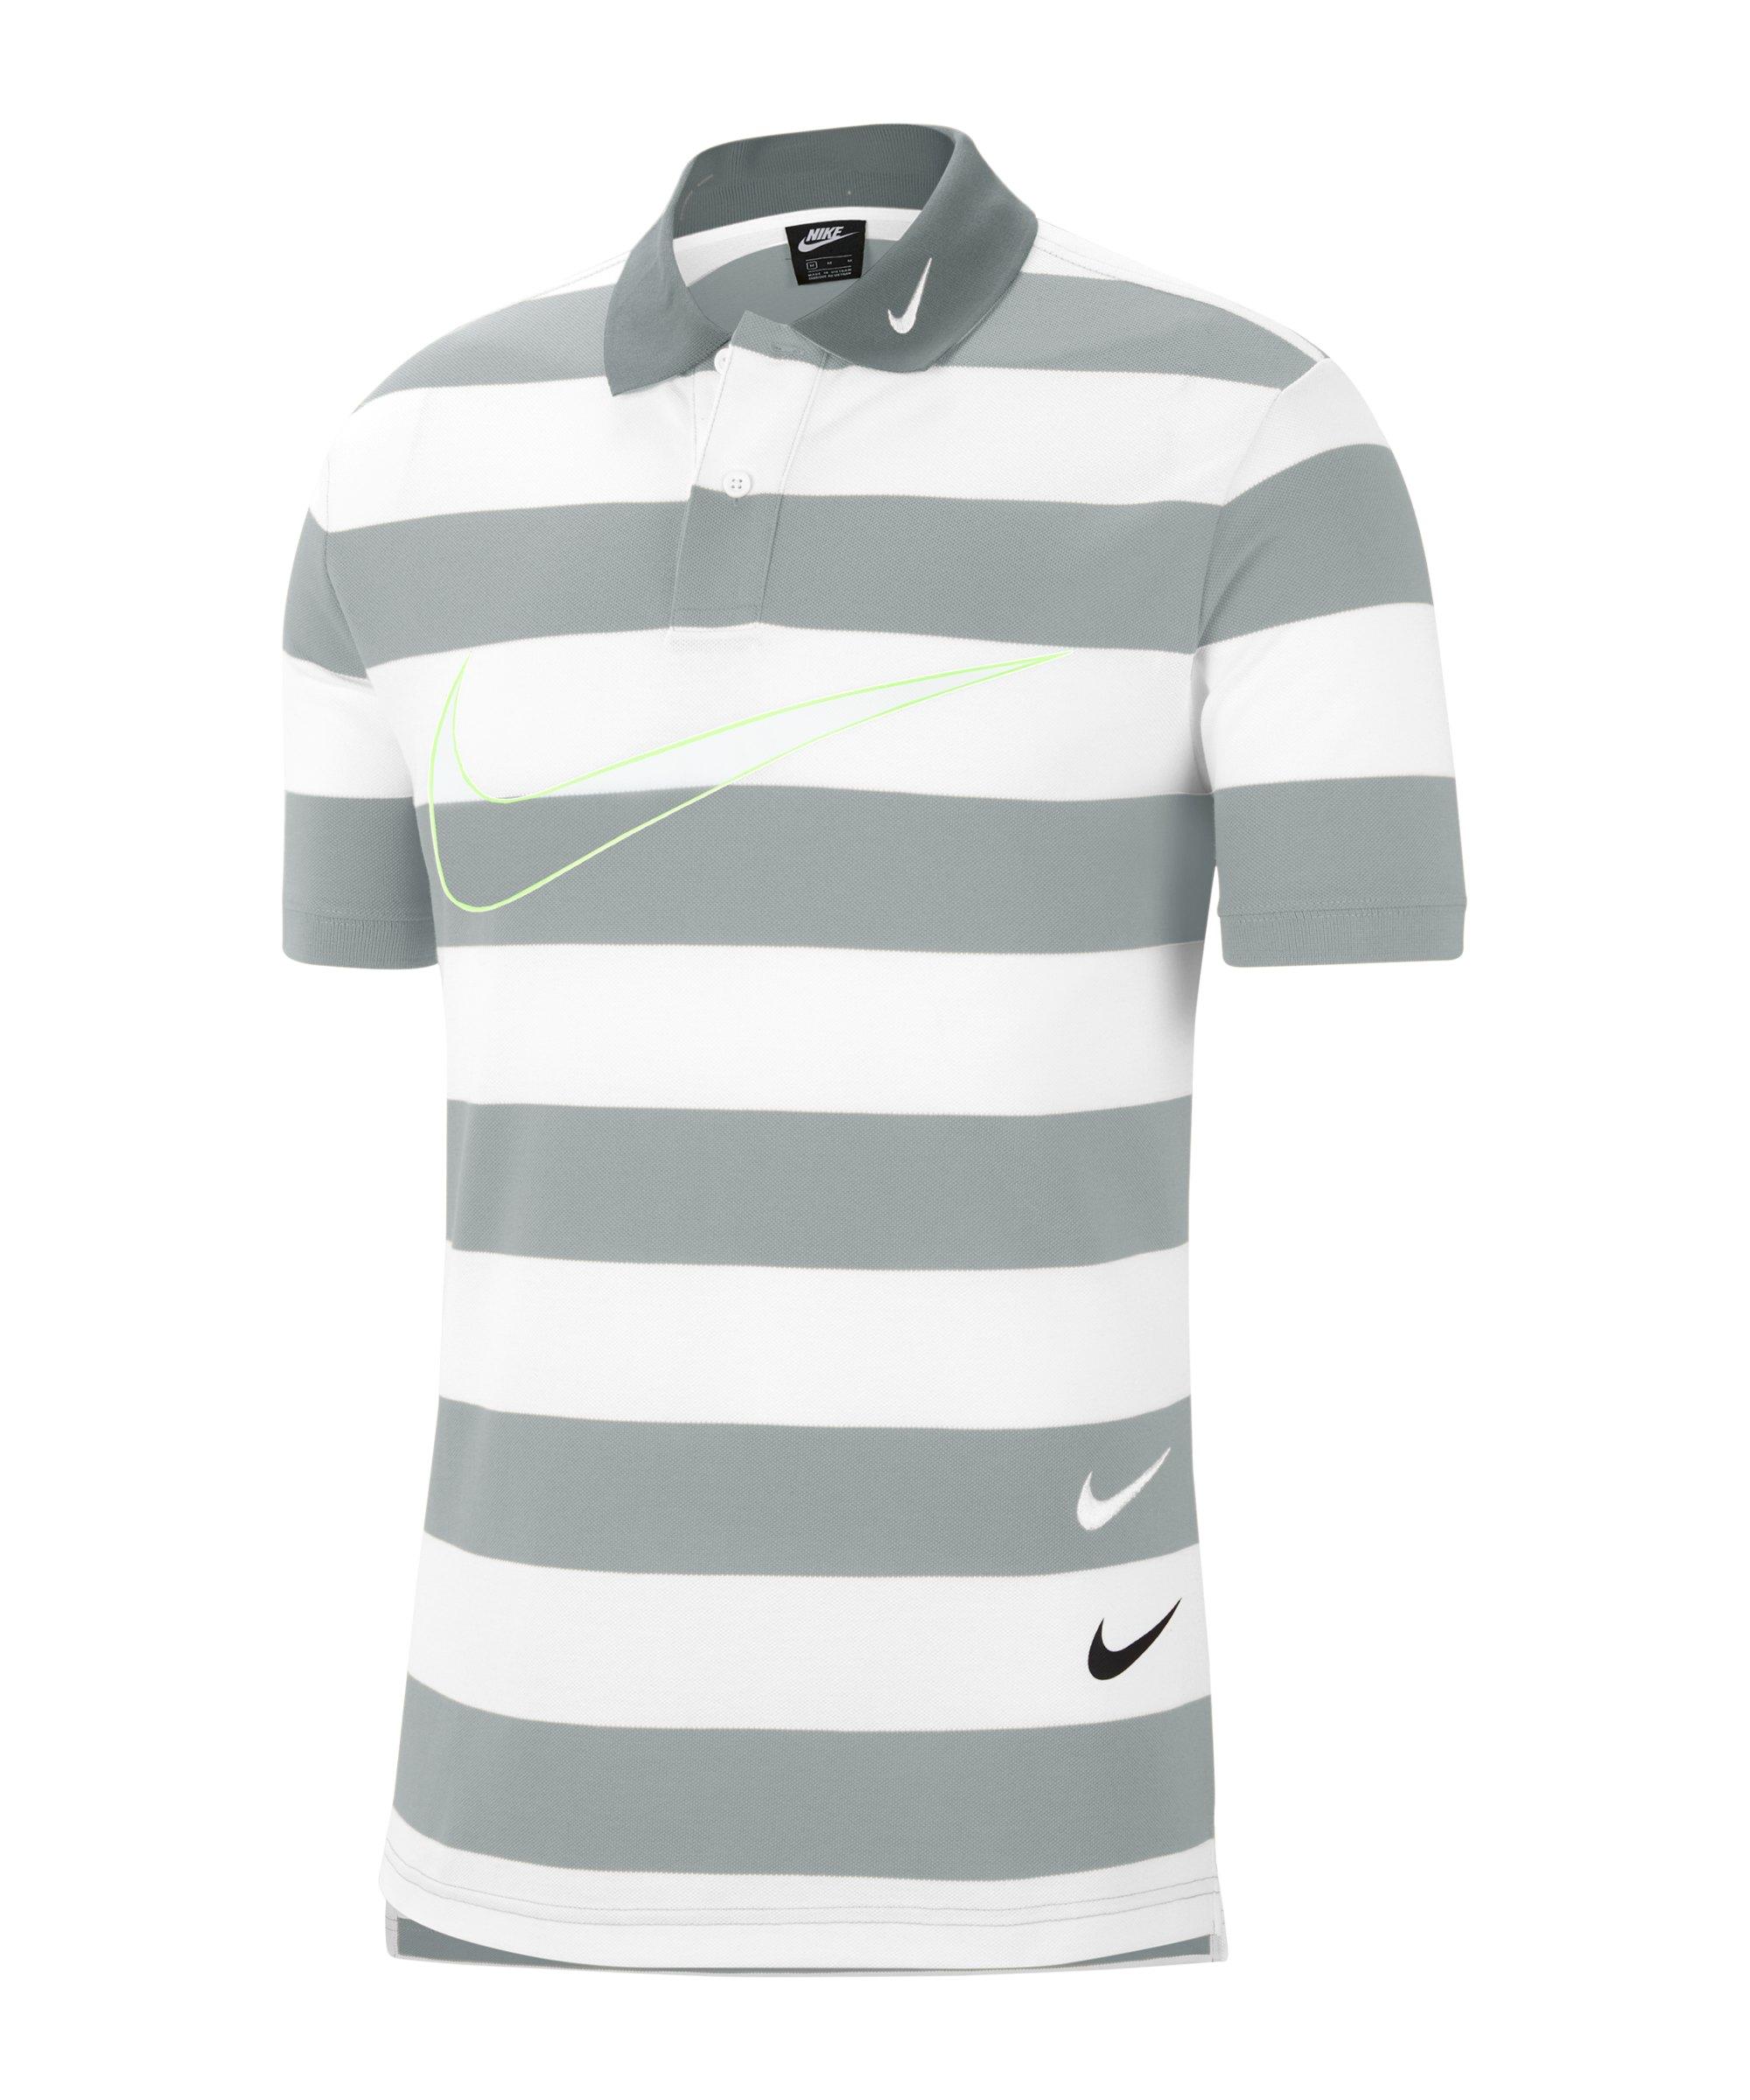 Nike Swoosh Poloshirt Grau F077 - grau